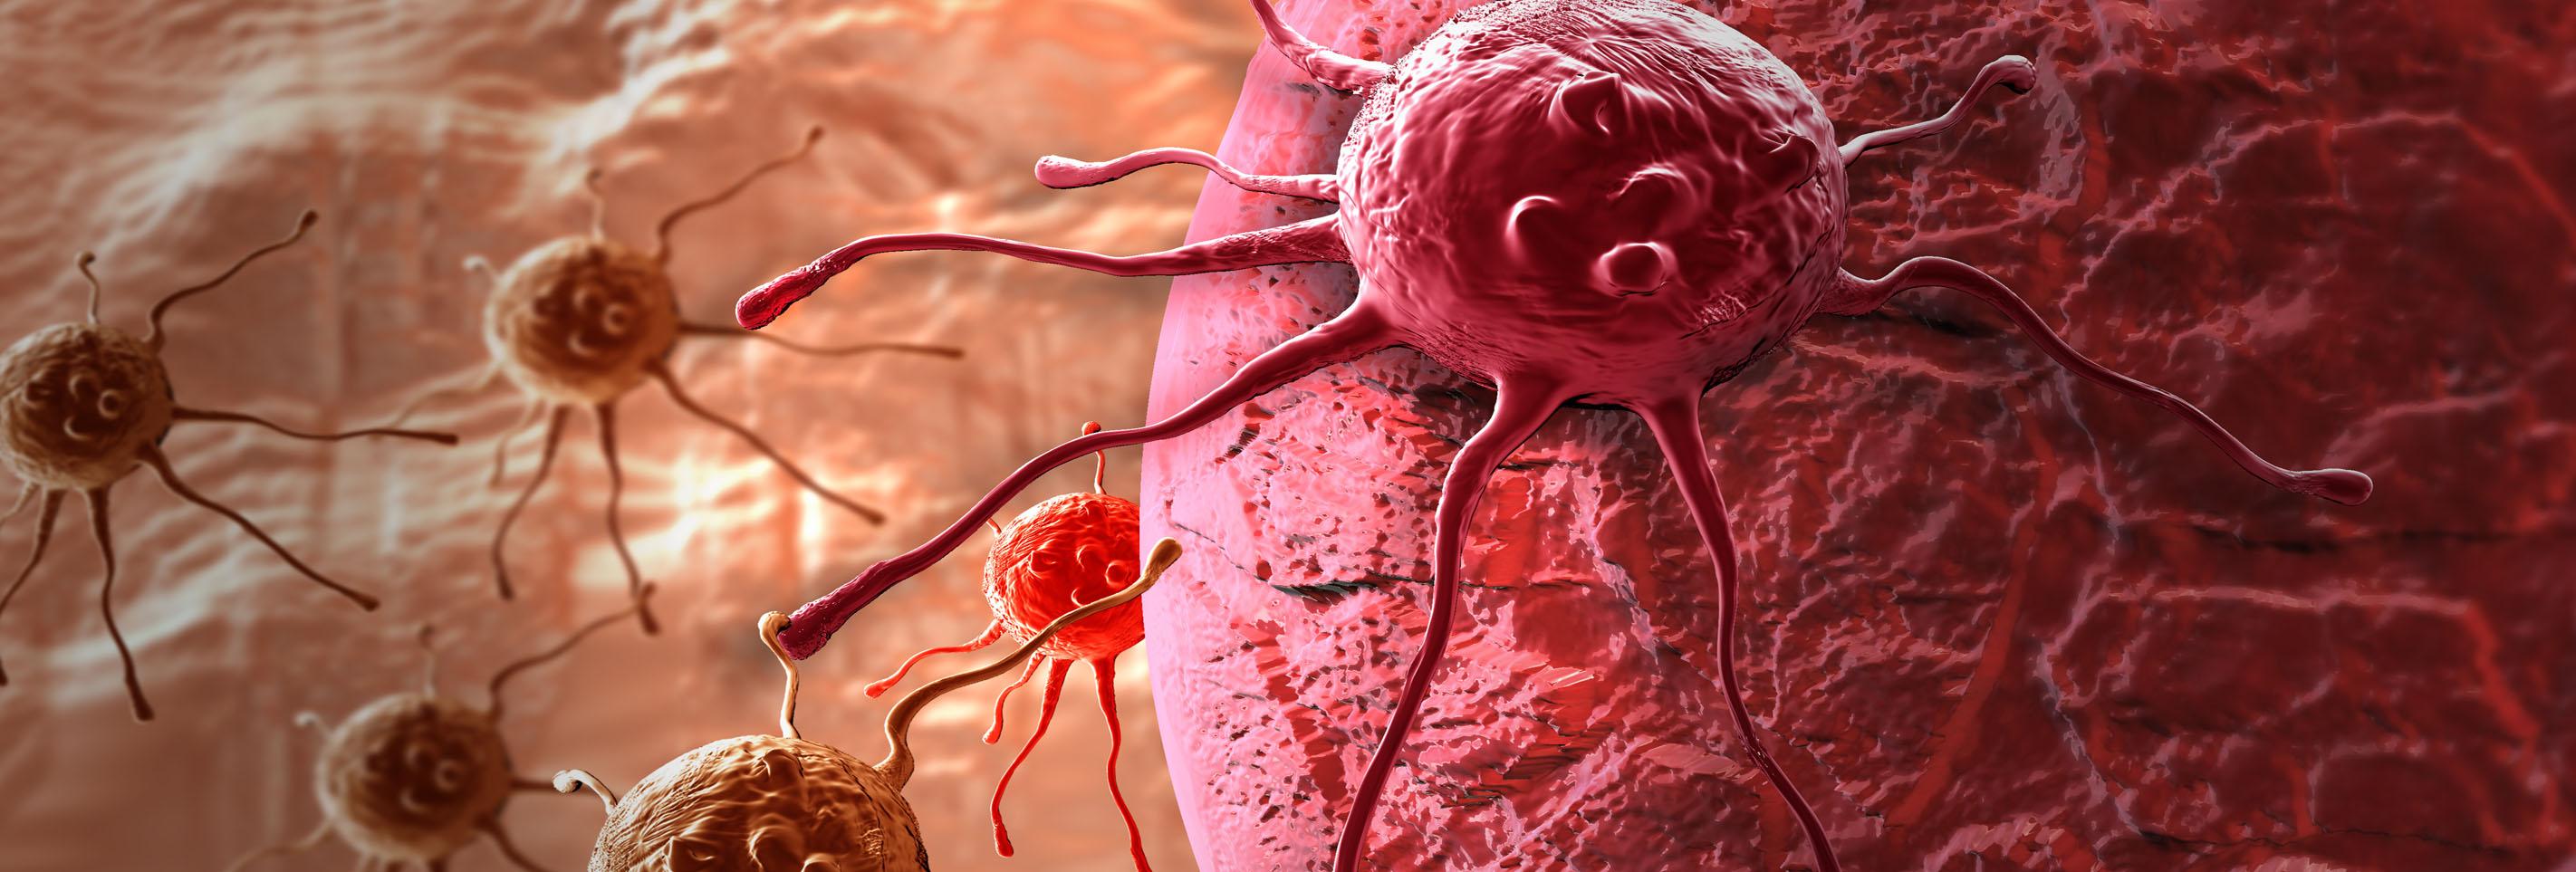 O Cancro – Compreender as Doenças Graves